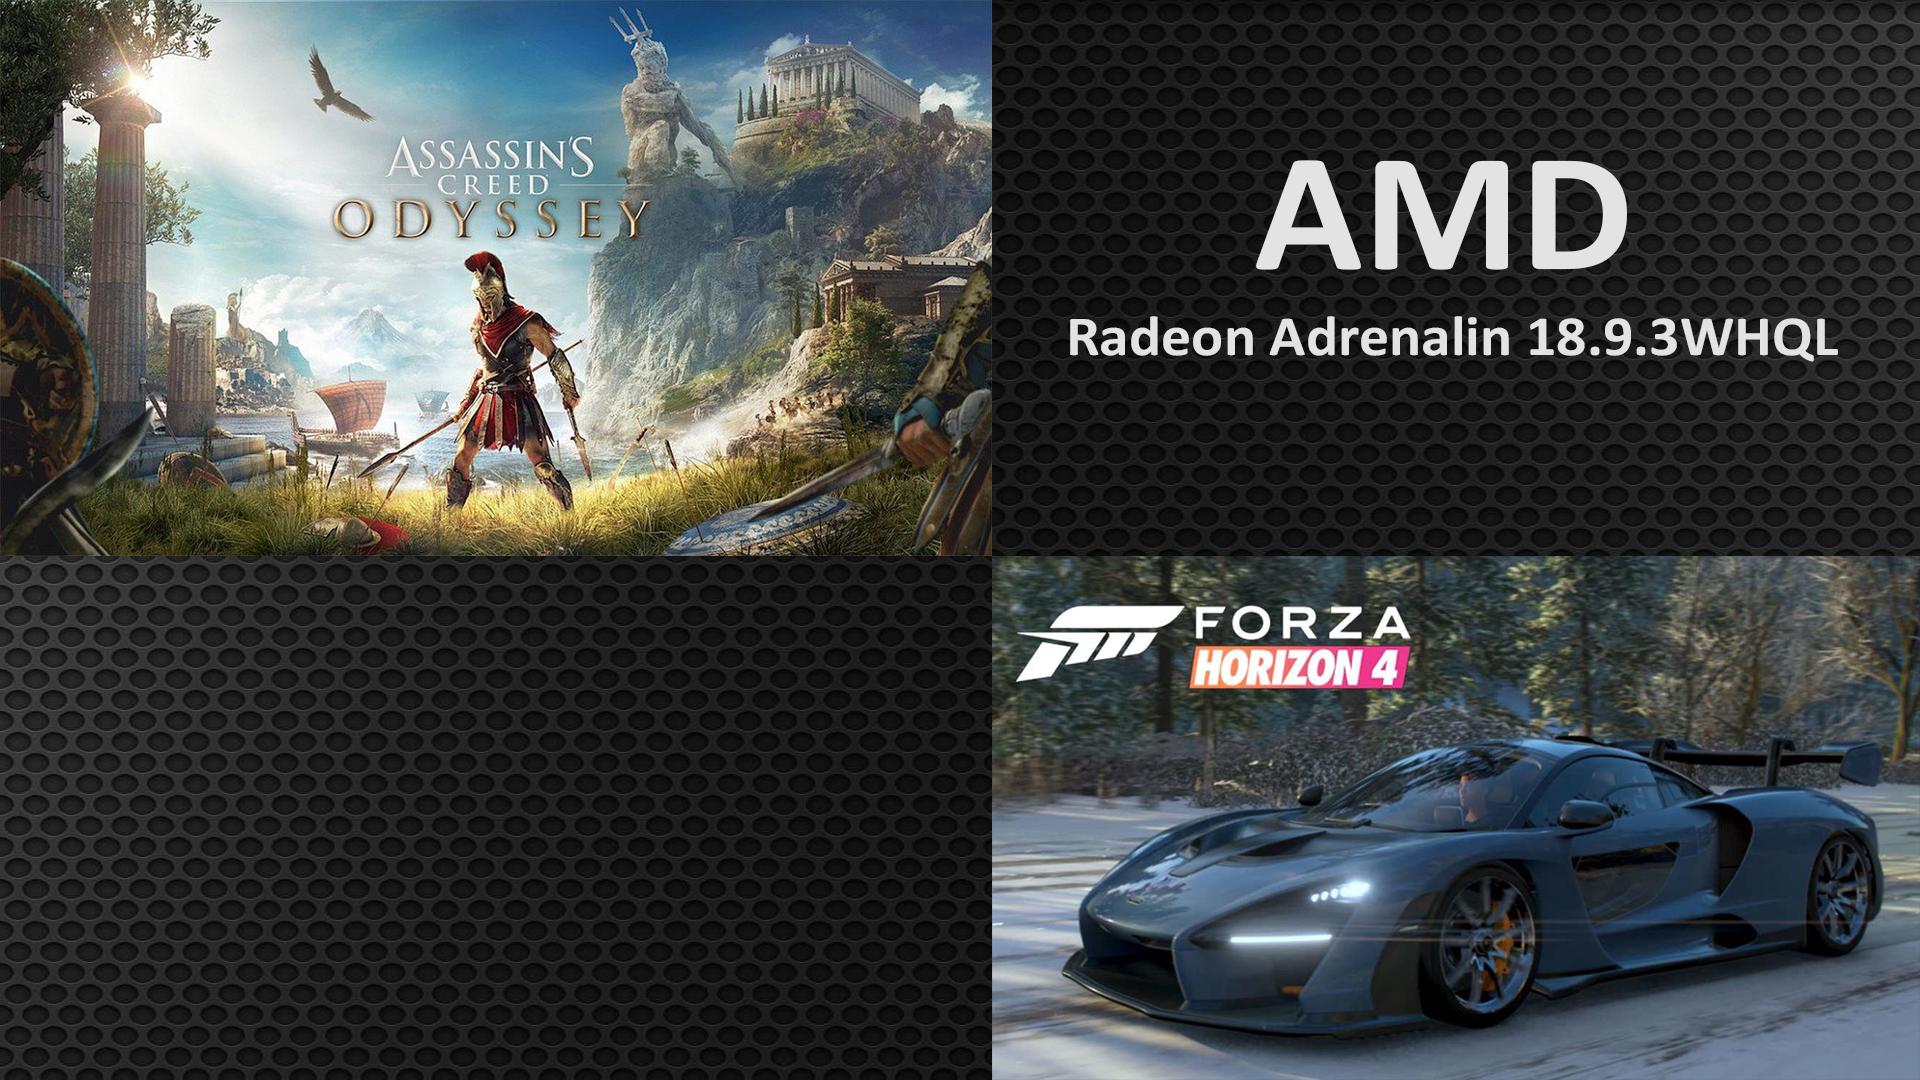 من جديد AMD تطلق تعريف Radeon Adrenalin 18.9.3 بإصدار WHQL